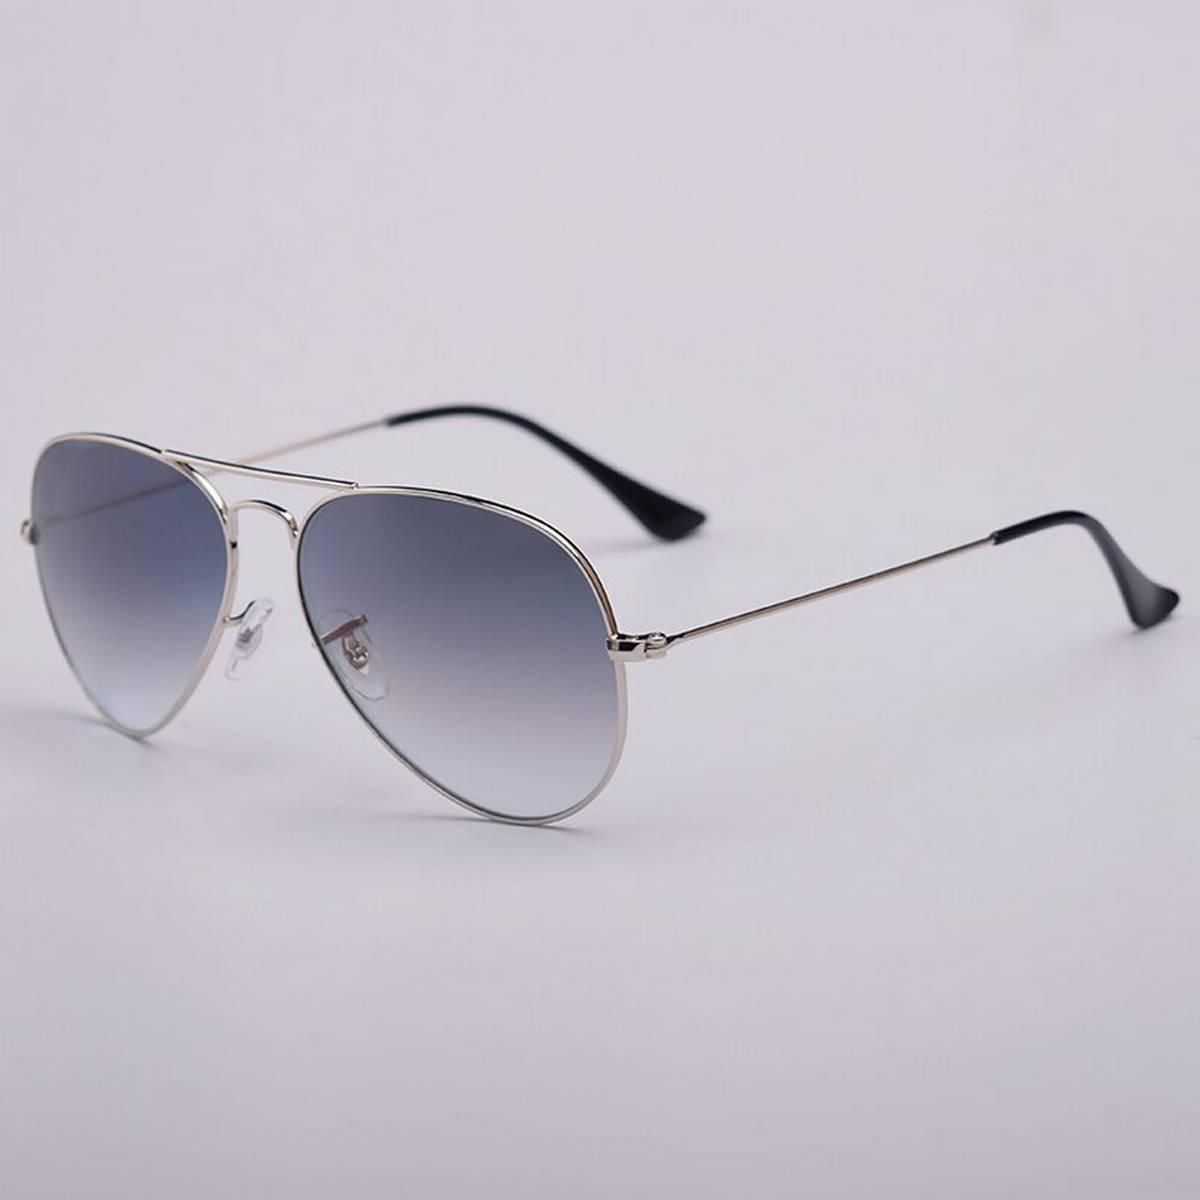 Trendy New Design Aviator Shape Grey Sunglasses- Metal Frame for boys/girls